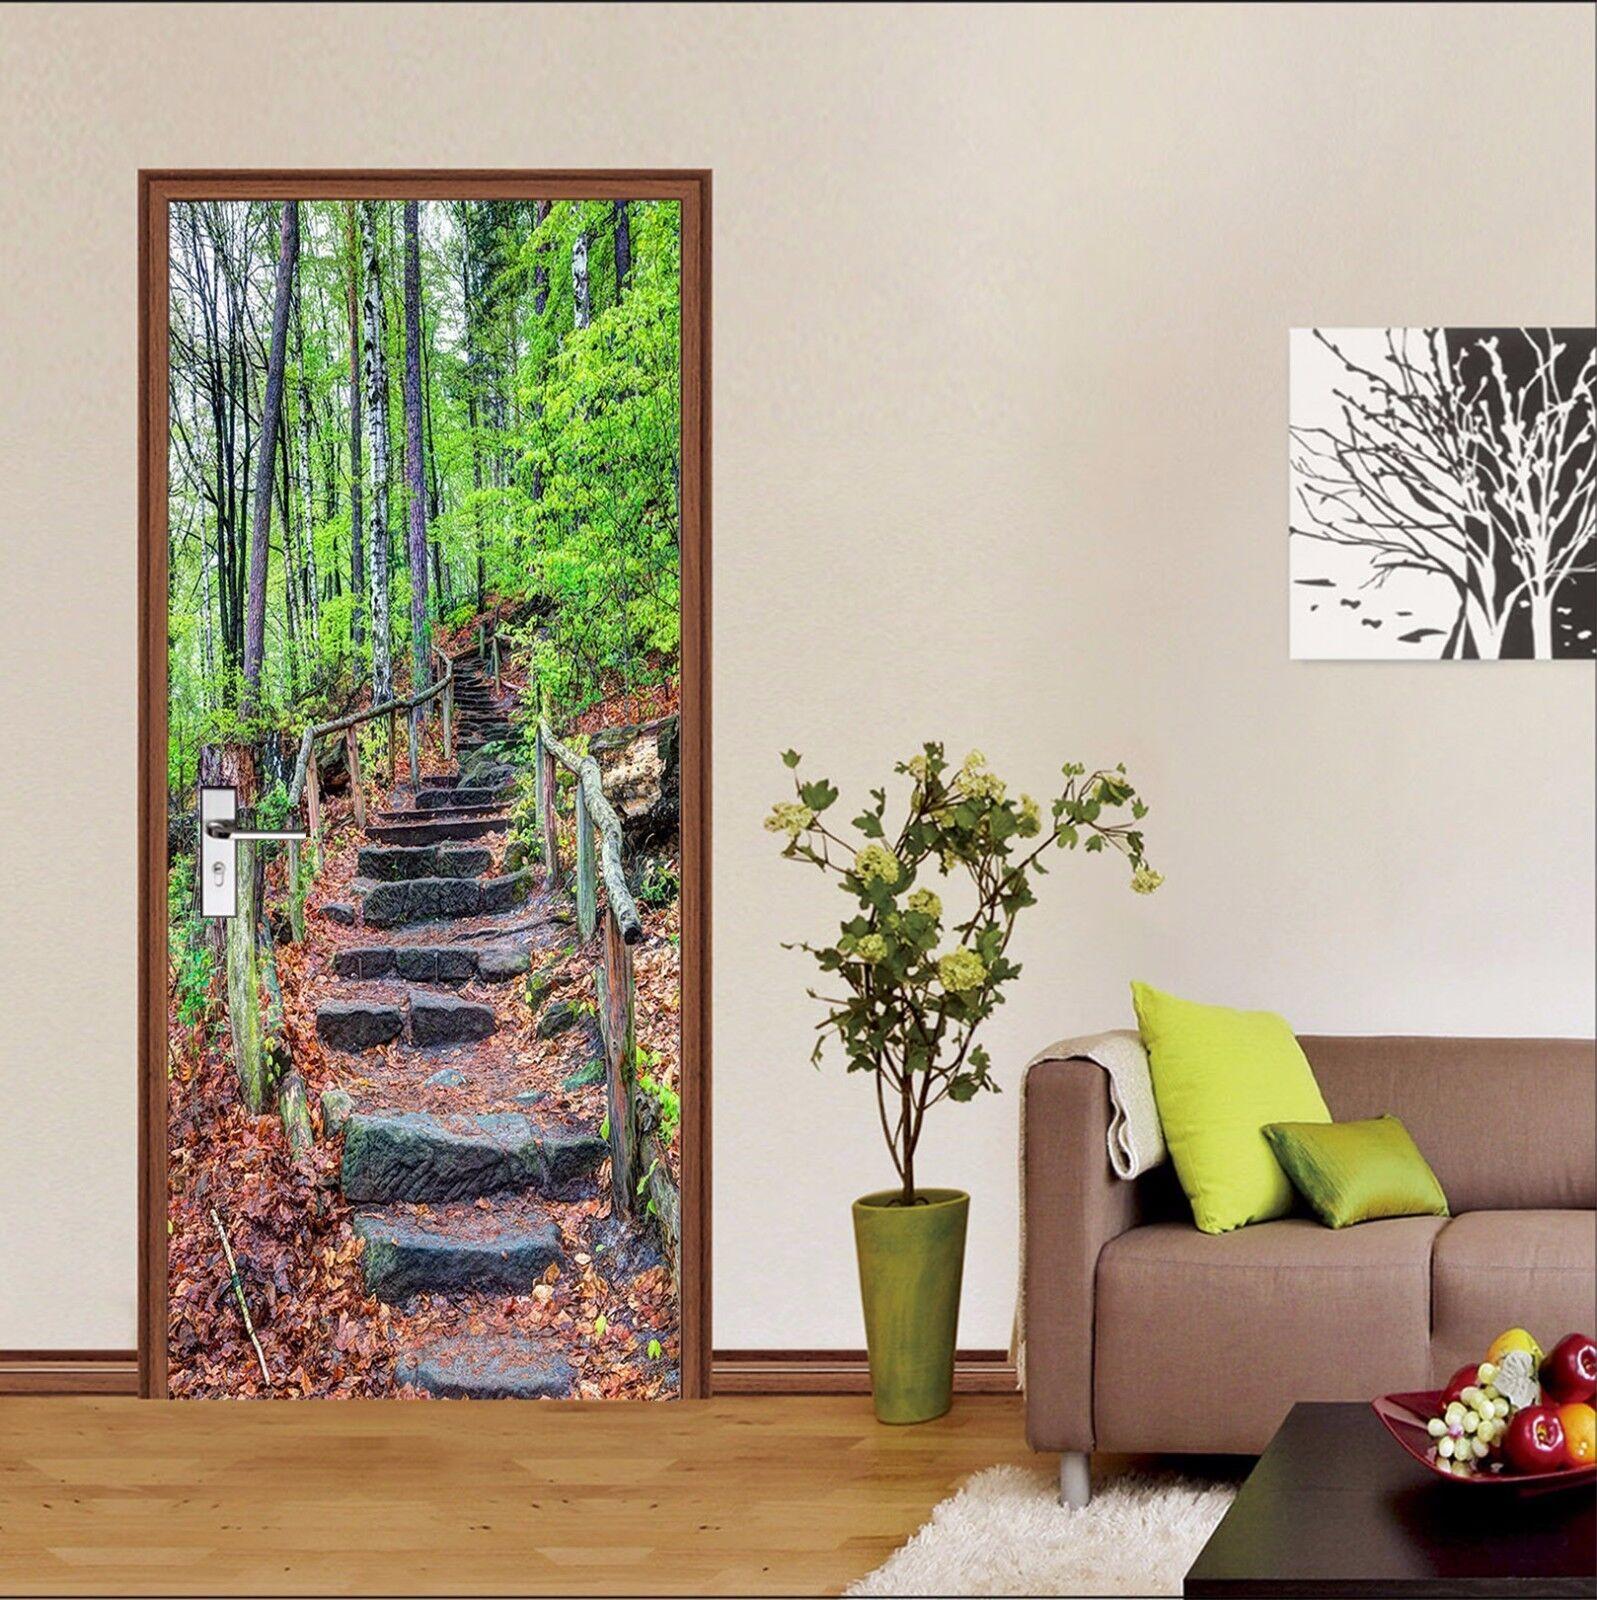 3D Schritte 760 Tür Wandmalerei Wandaufkleber Aufkleber AJ WALLPAPER DE Kyra | Ausgewählte Materialien  | Neue Sorten werden eingeführt  | Bestellungen Sind Willkommen